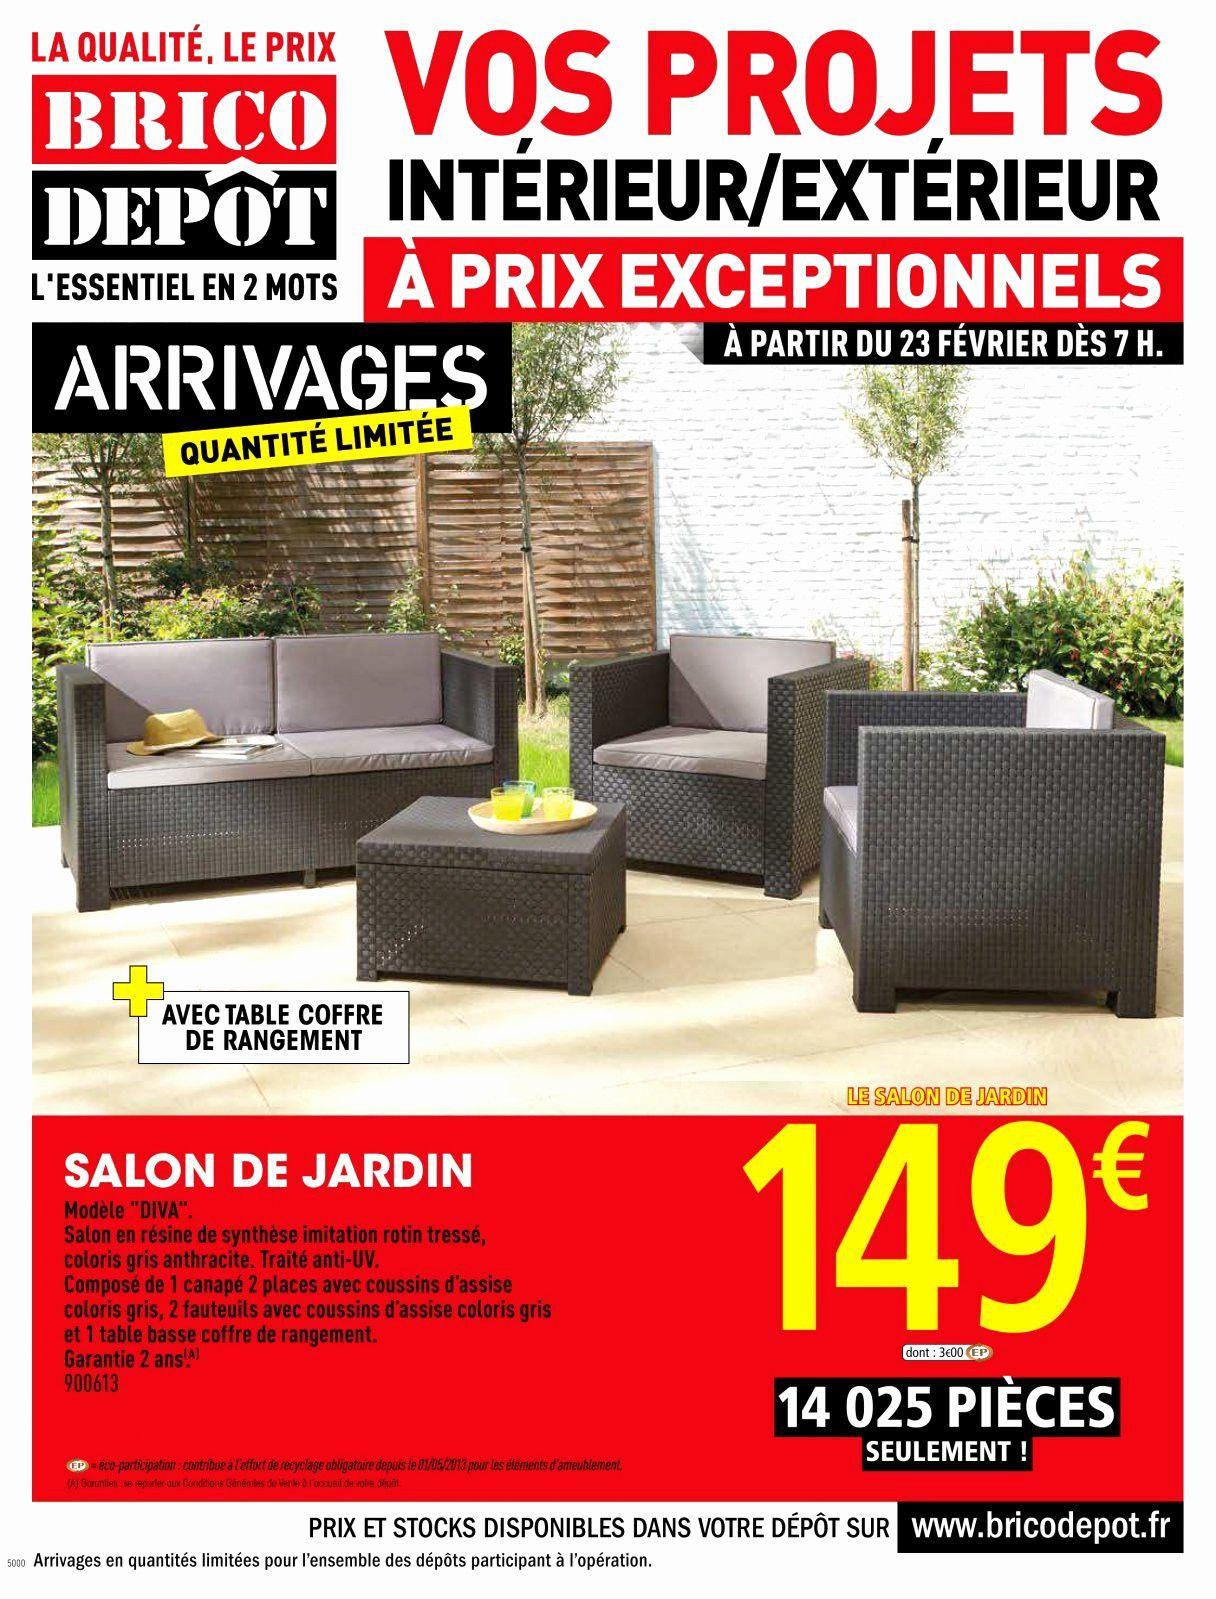 Unique Promo Salon De Jardin Brico Depot   Salon De Jardin ... tout Salon De Jardin Petit Prix